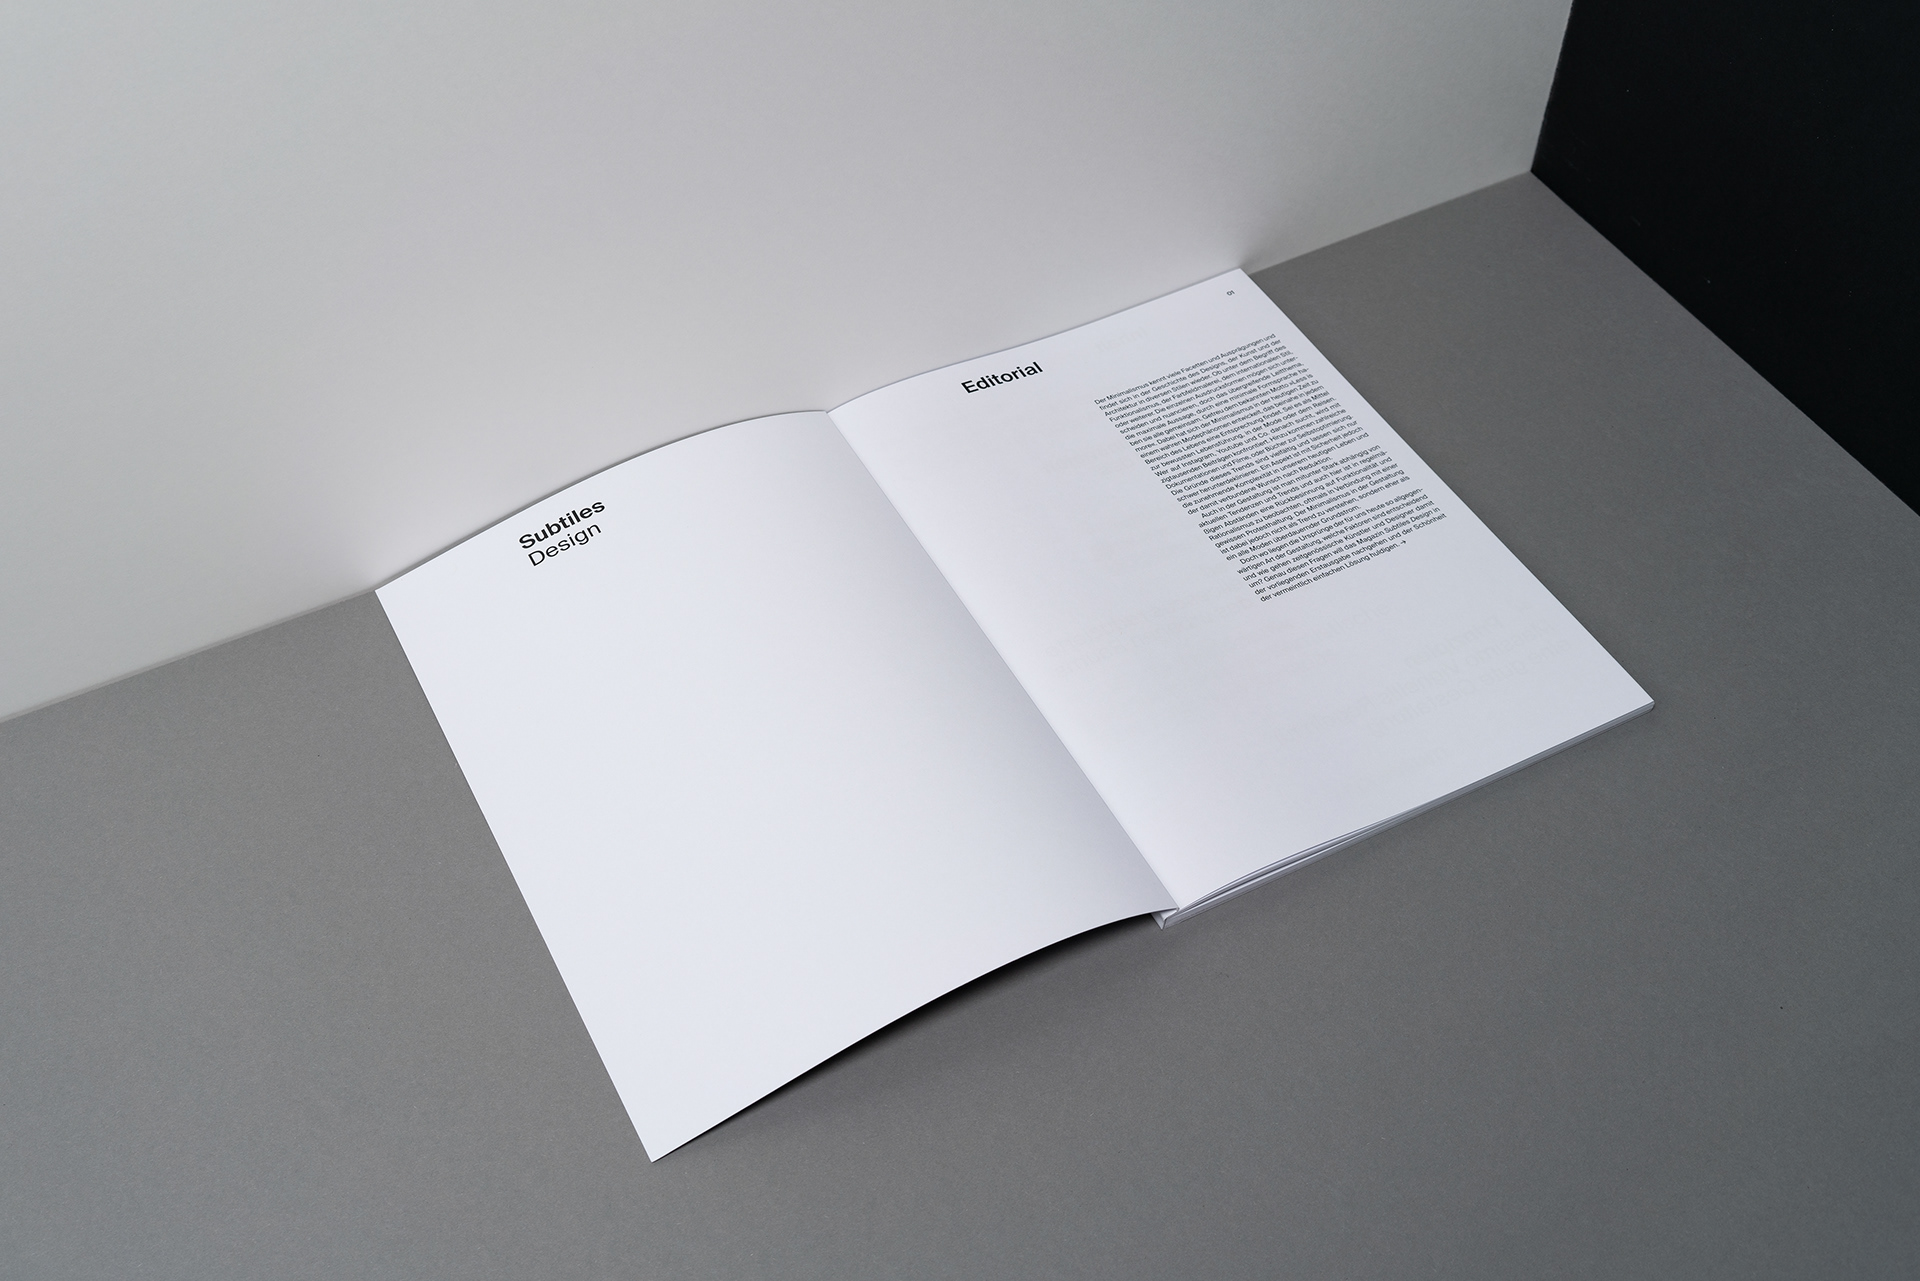 Subtiles_Design_Repros_Web_5